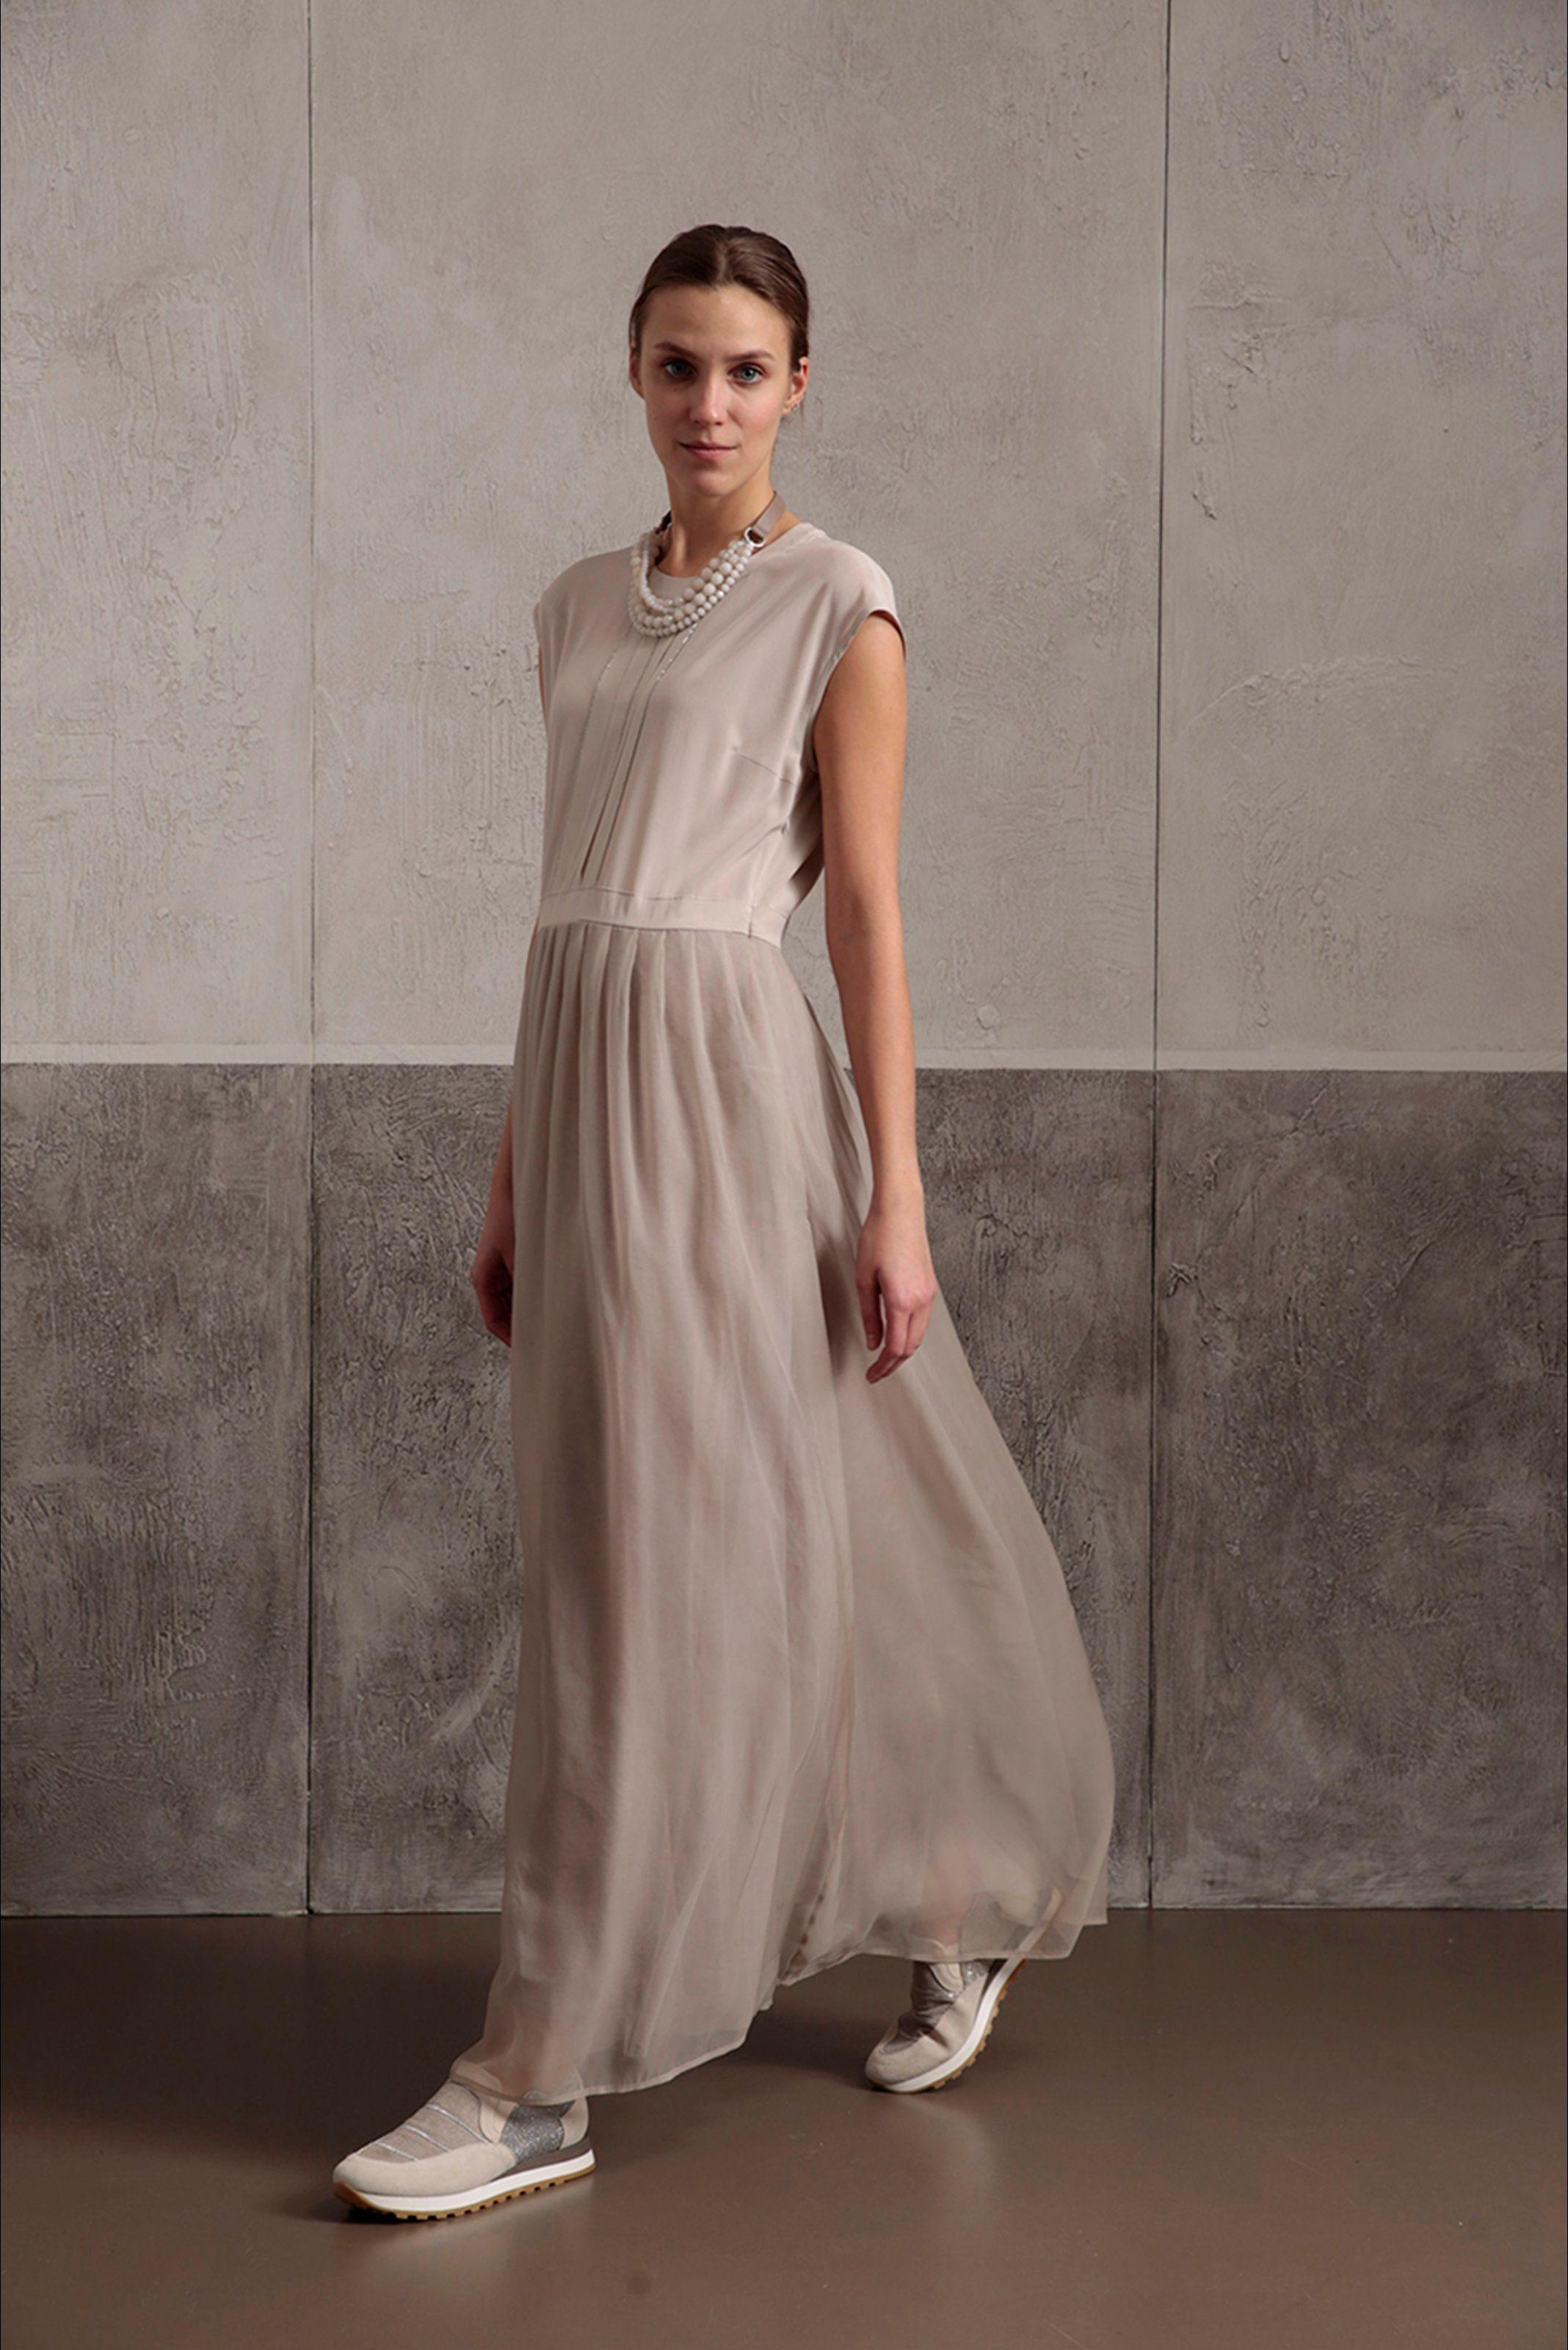 Guarda la sfilata di moda Peserico a Milano e scopri la collezione di abiti  e accessori 3c4fad9c5961